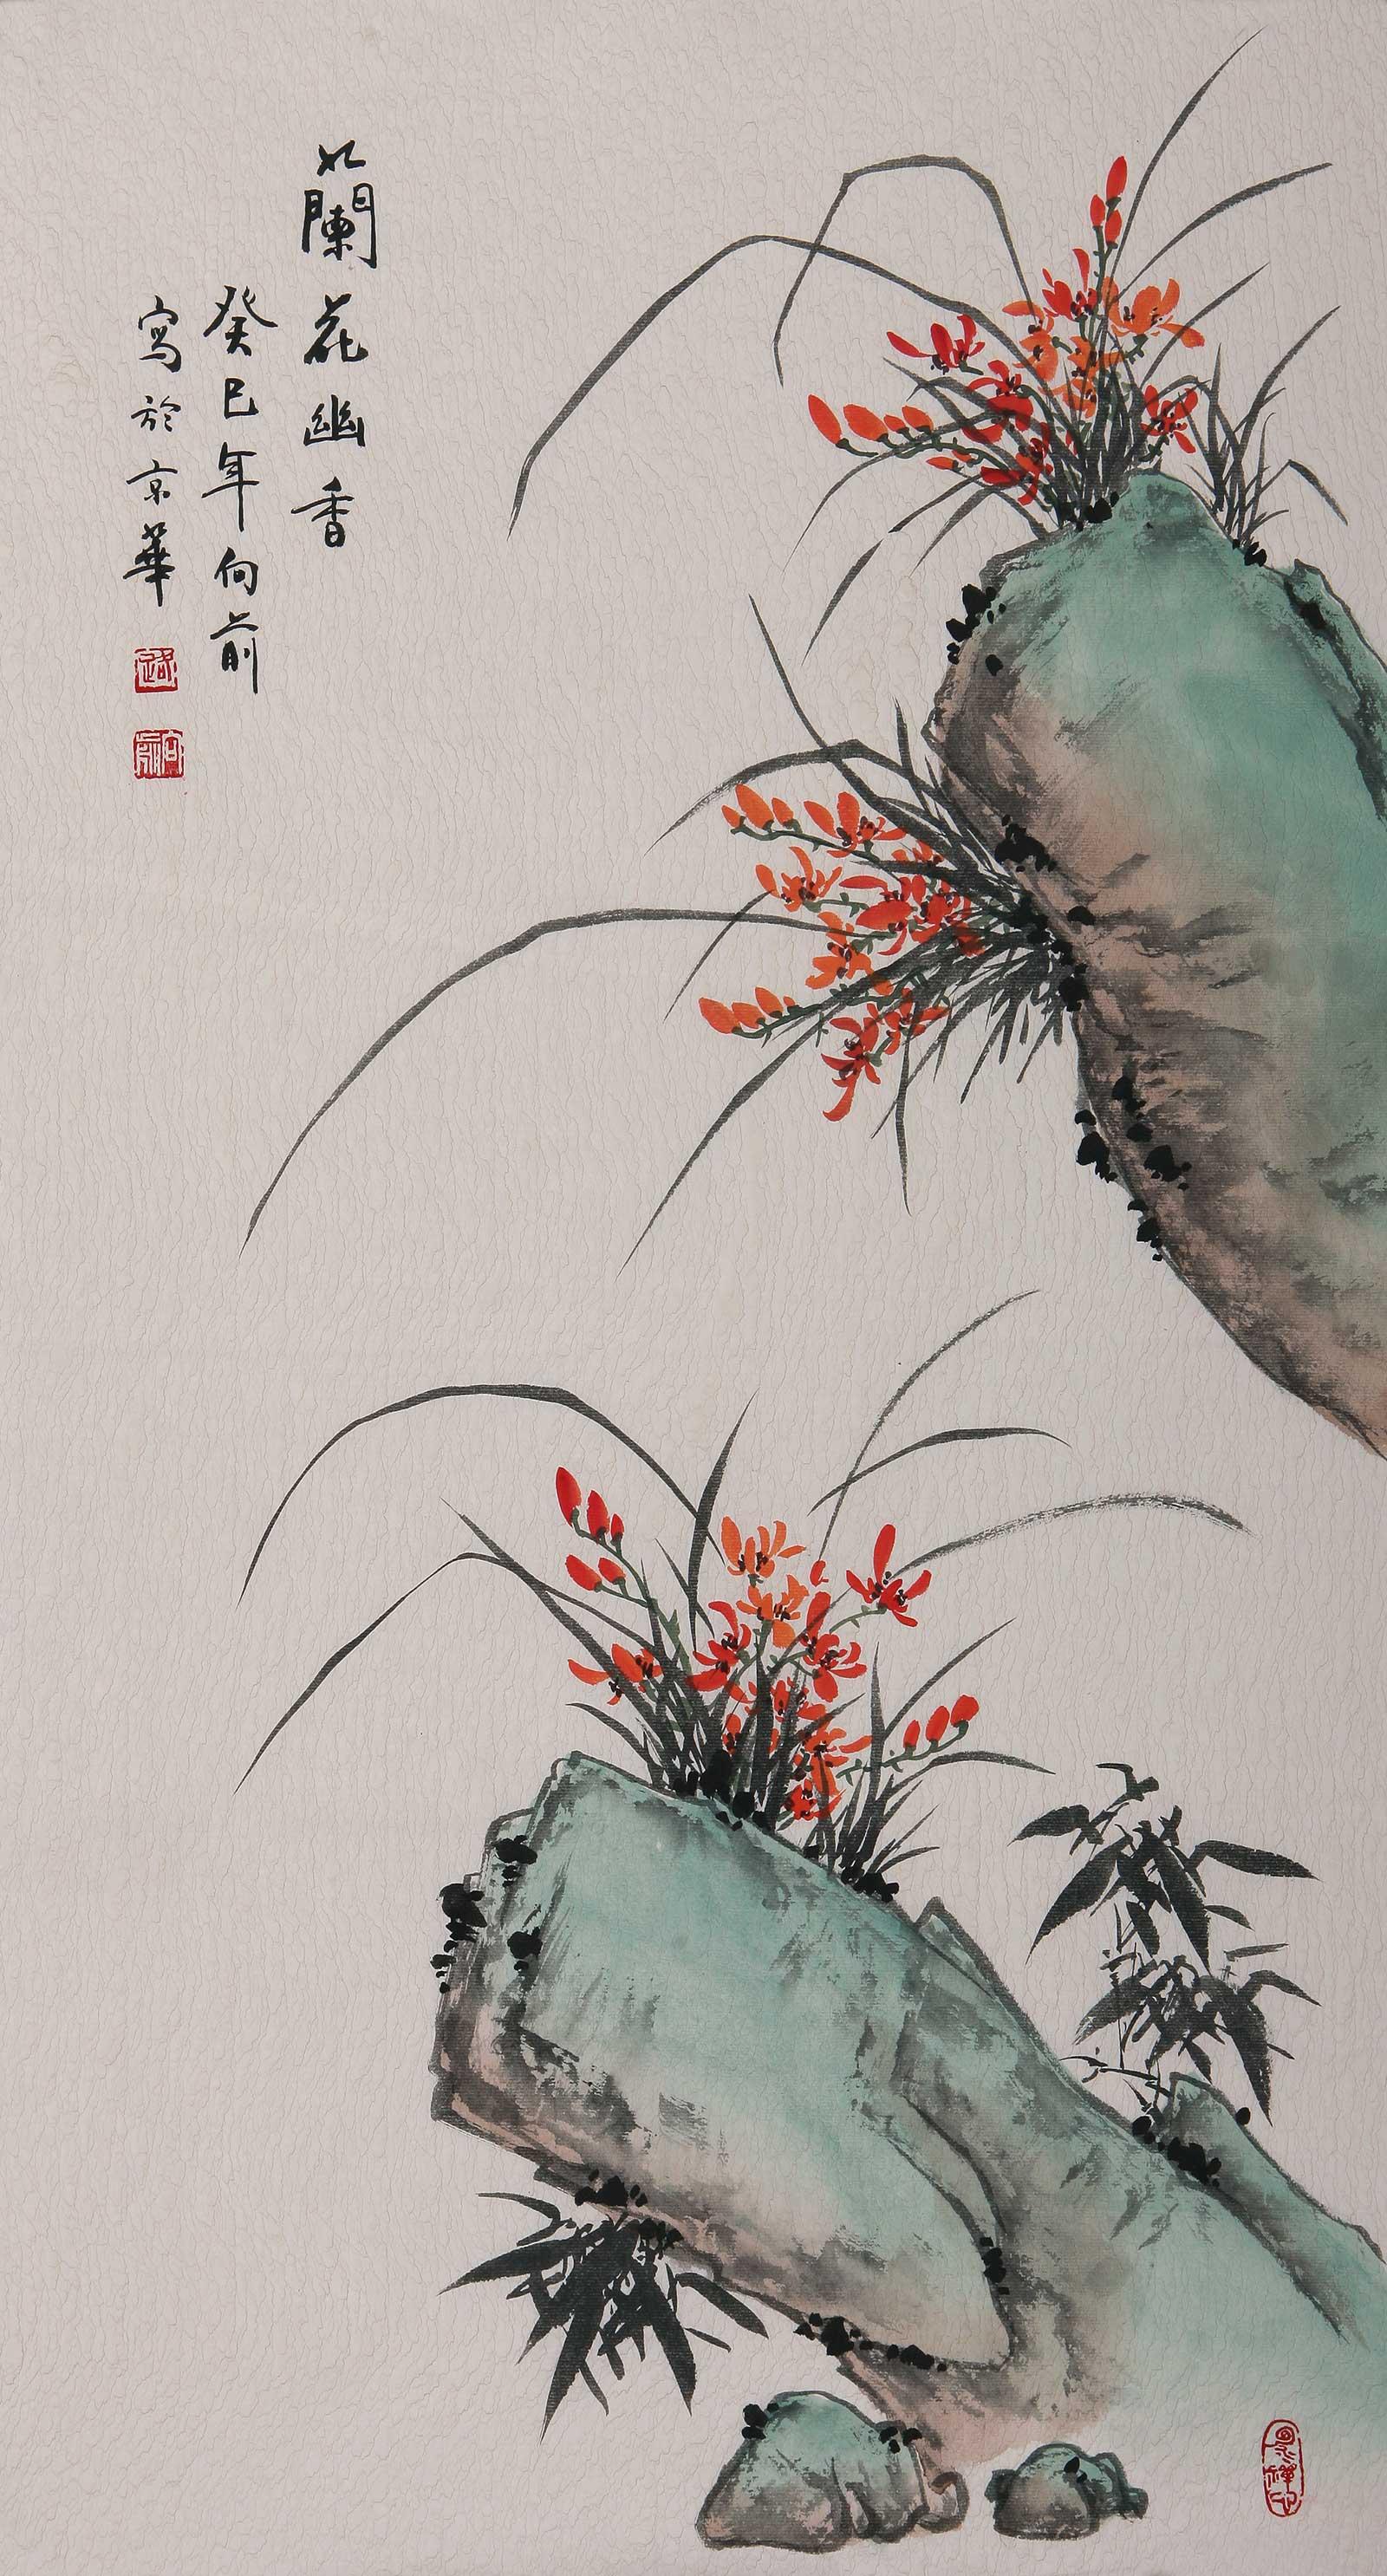 路向前三尺横幅花鸟画作品《兰花幽香》-路向前工笔花鸟画欣赏